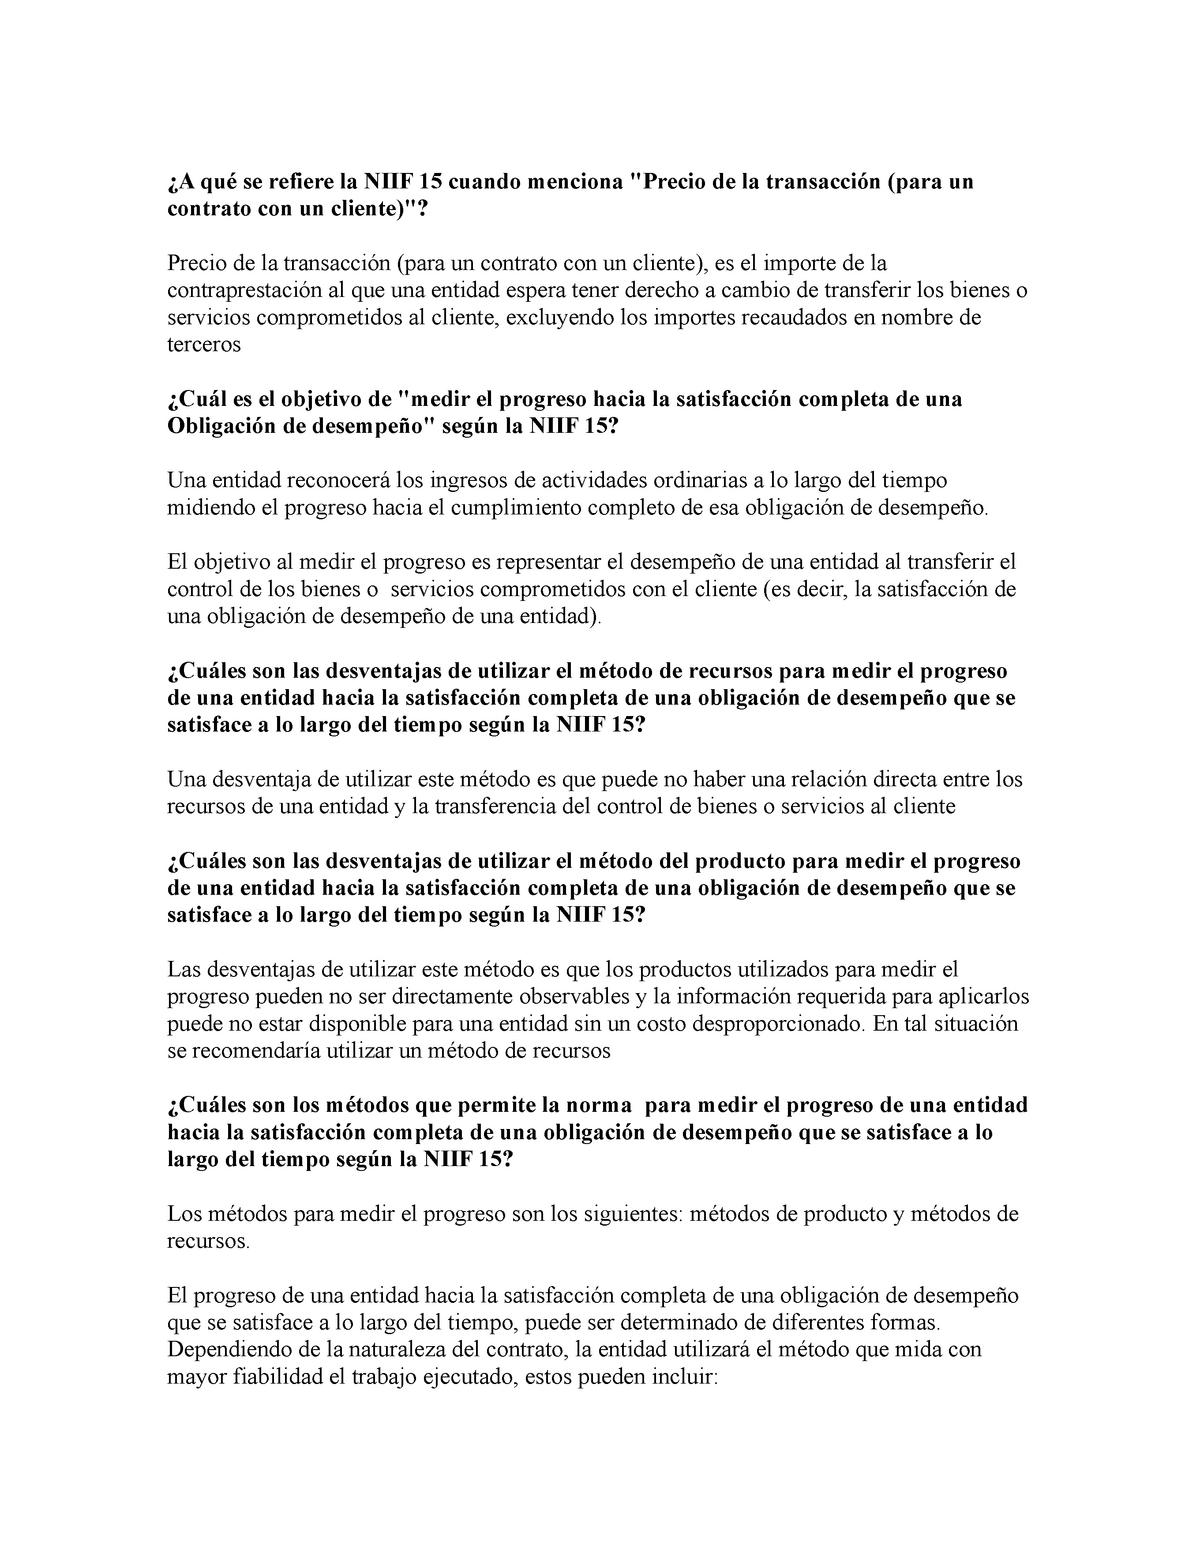 Preguntas Niif 15 Contabilidad General Se Refiere La Niif 15 Cuando Menciona De La Para Un Contrato Con Un Precio De La Para Un Contrato Con Un Cliente Es El Studocu